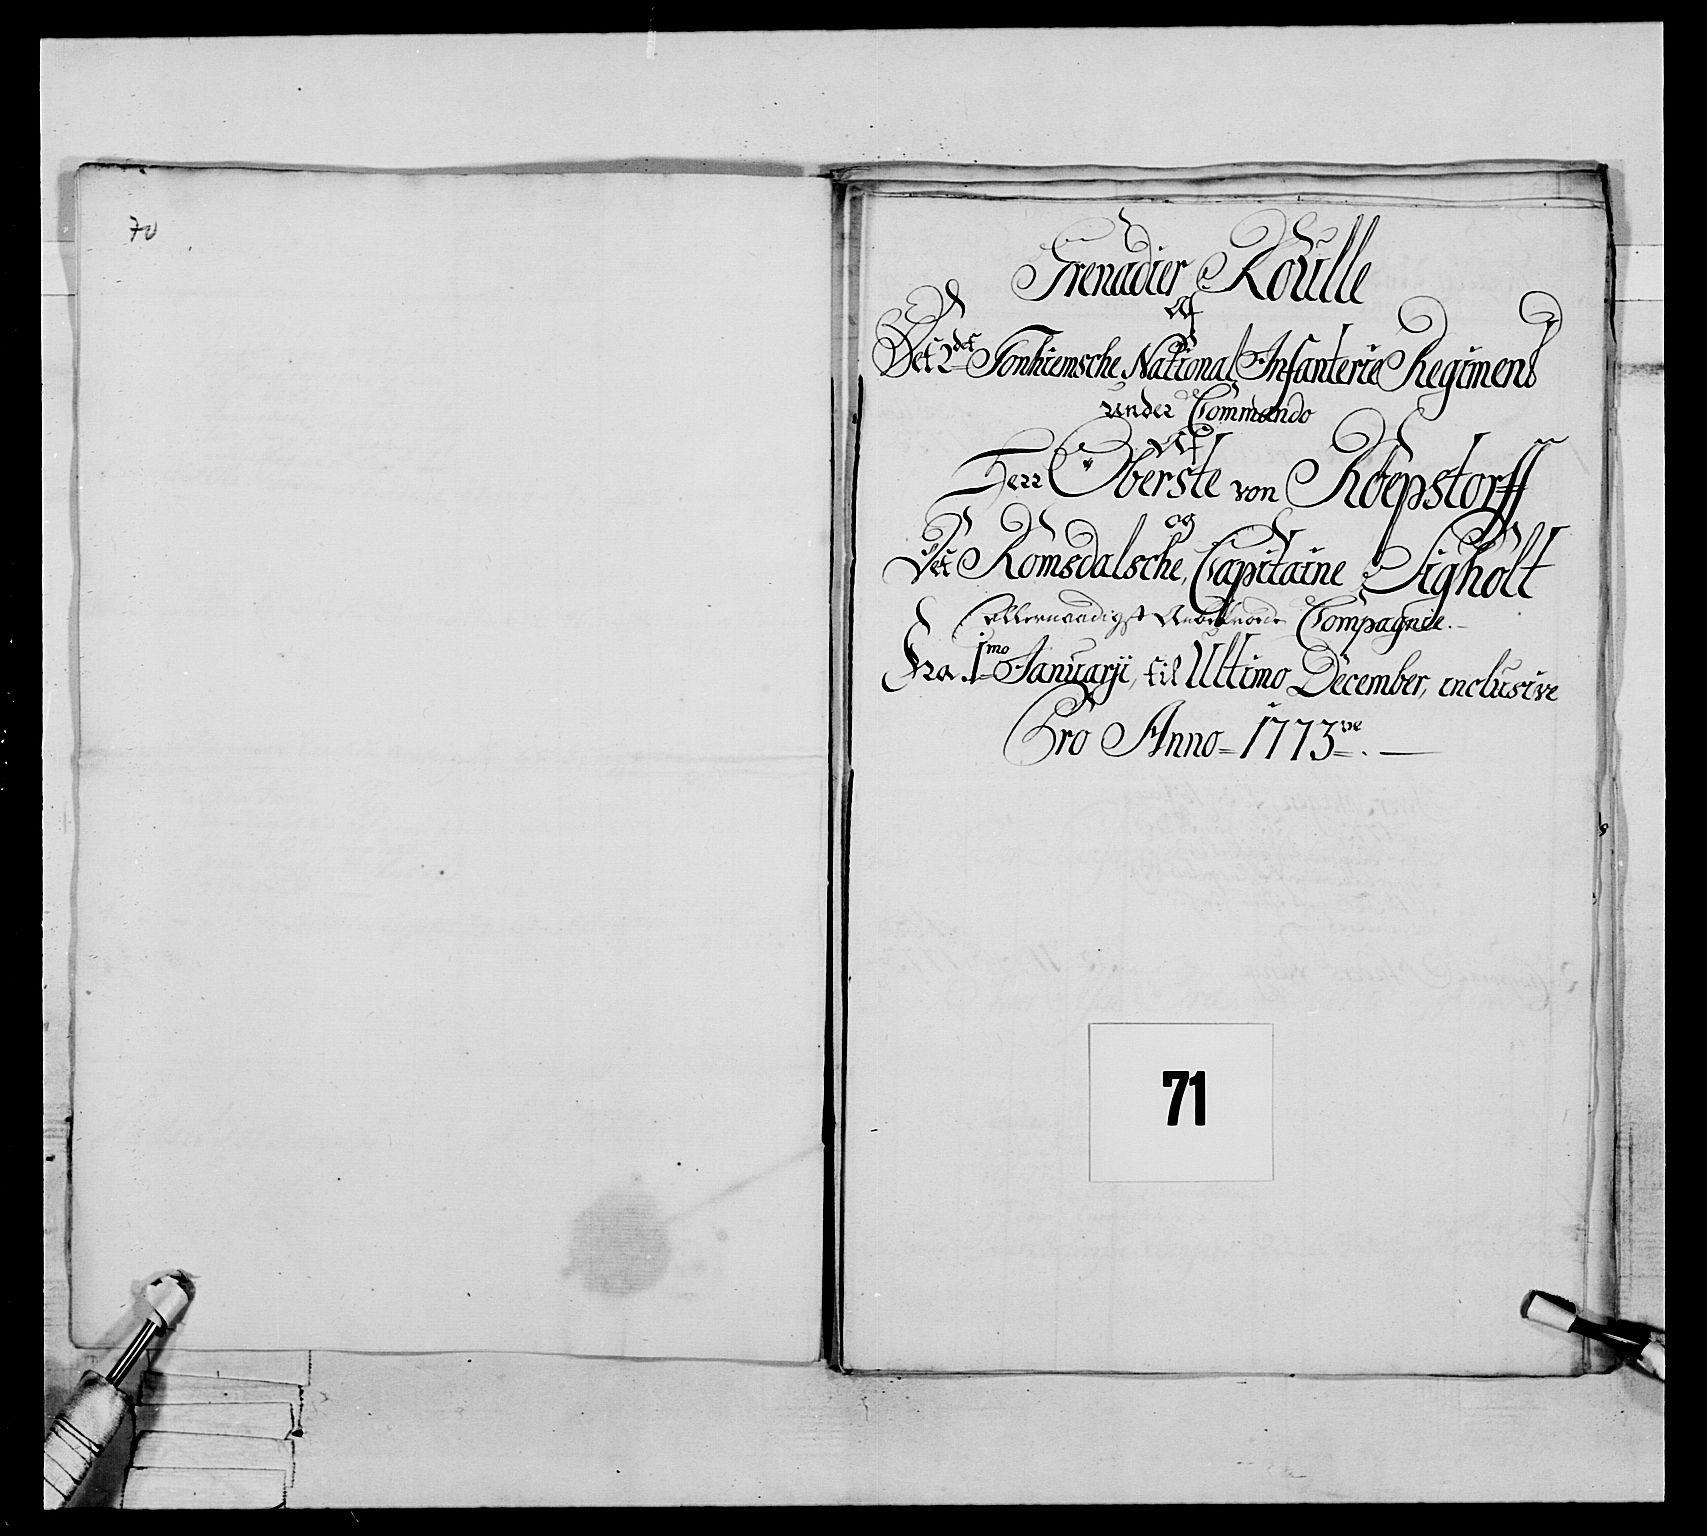 RA, Generalitets- og kommissariatskollegiet, Det kongelige norske kommissariatskollegium, E/Eh/L0076: 2. Trondheimske nasjonale infanteriregiment, 1766-1773, s. 310